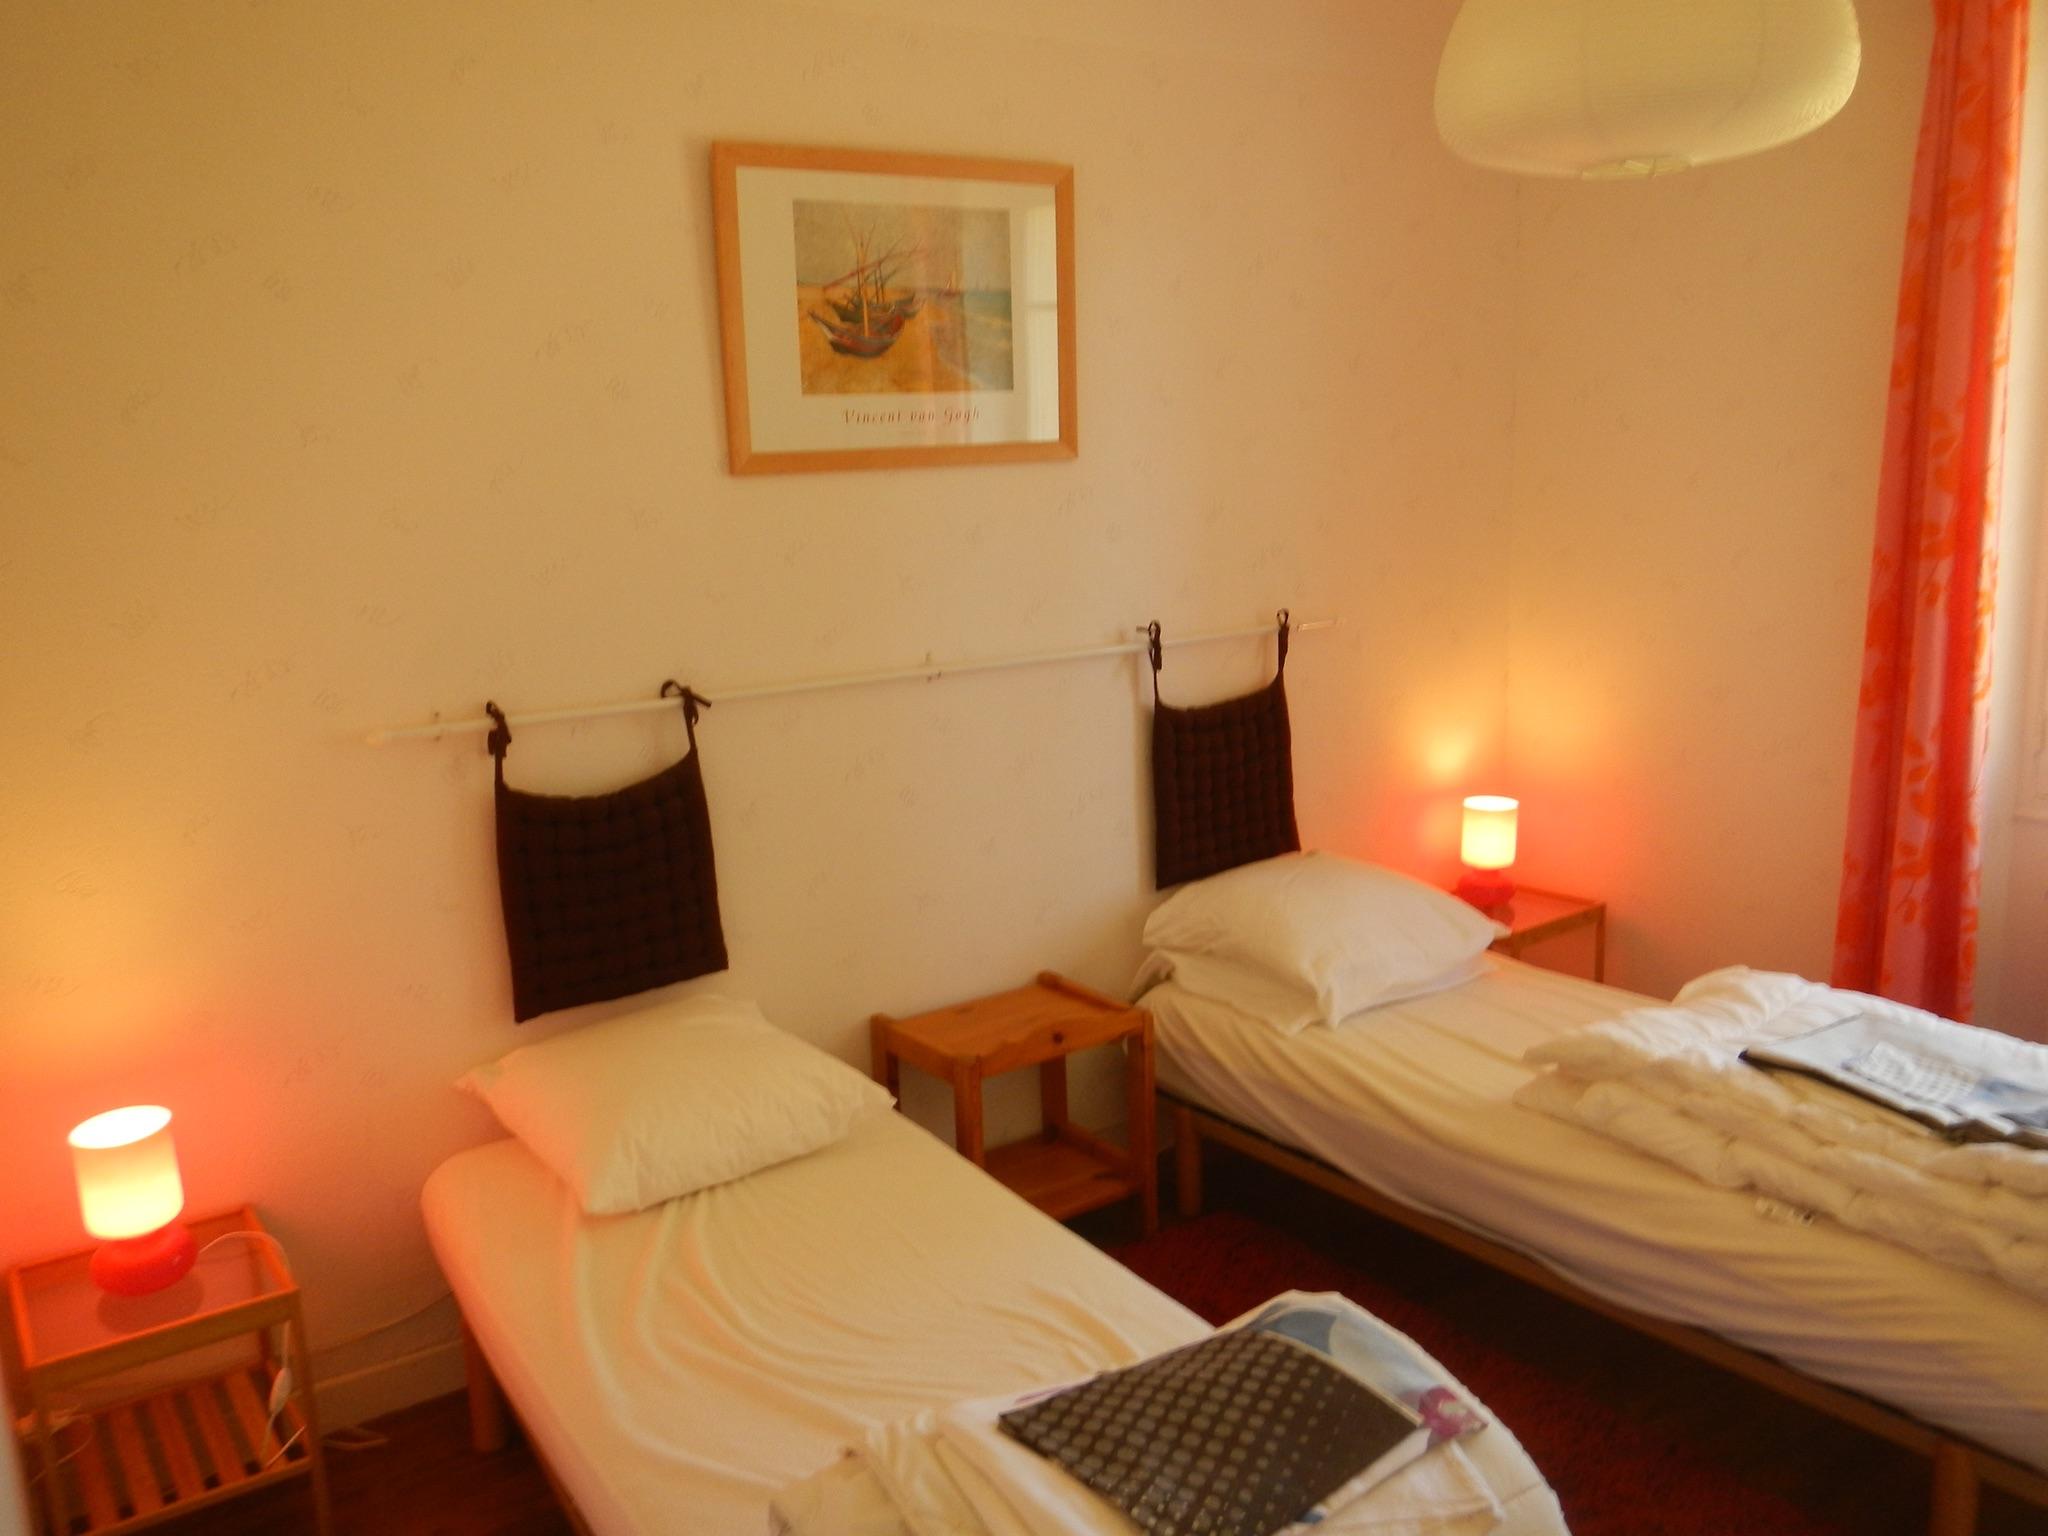 Ferienhaus Haus mit 6 Zimmern in Banassac mit toller Aussicht auf die Berge und eingezäuntem Garten - (2202056), Banassac, Lozère, Languedoc-Roussillon, Frankreich, Bild 8